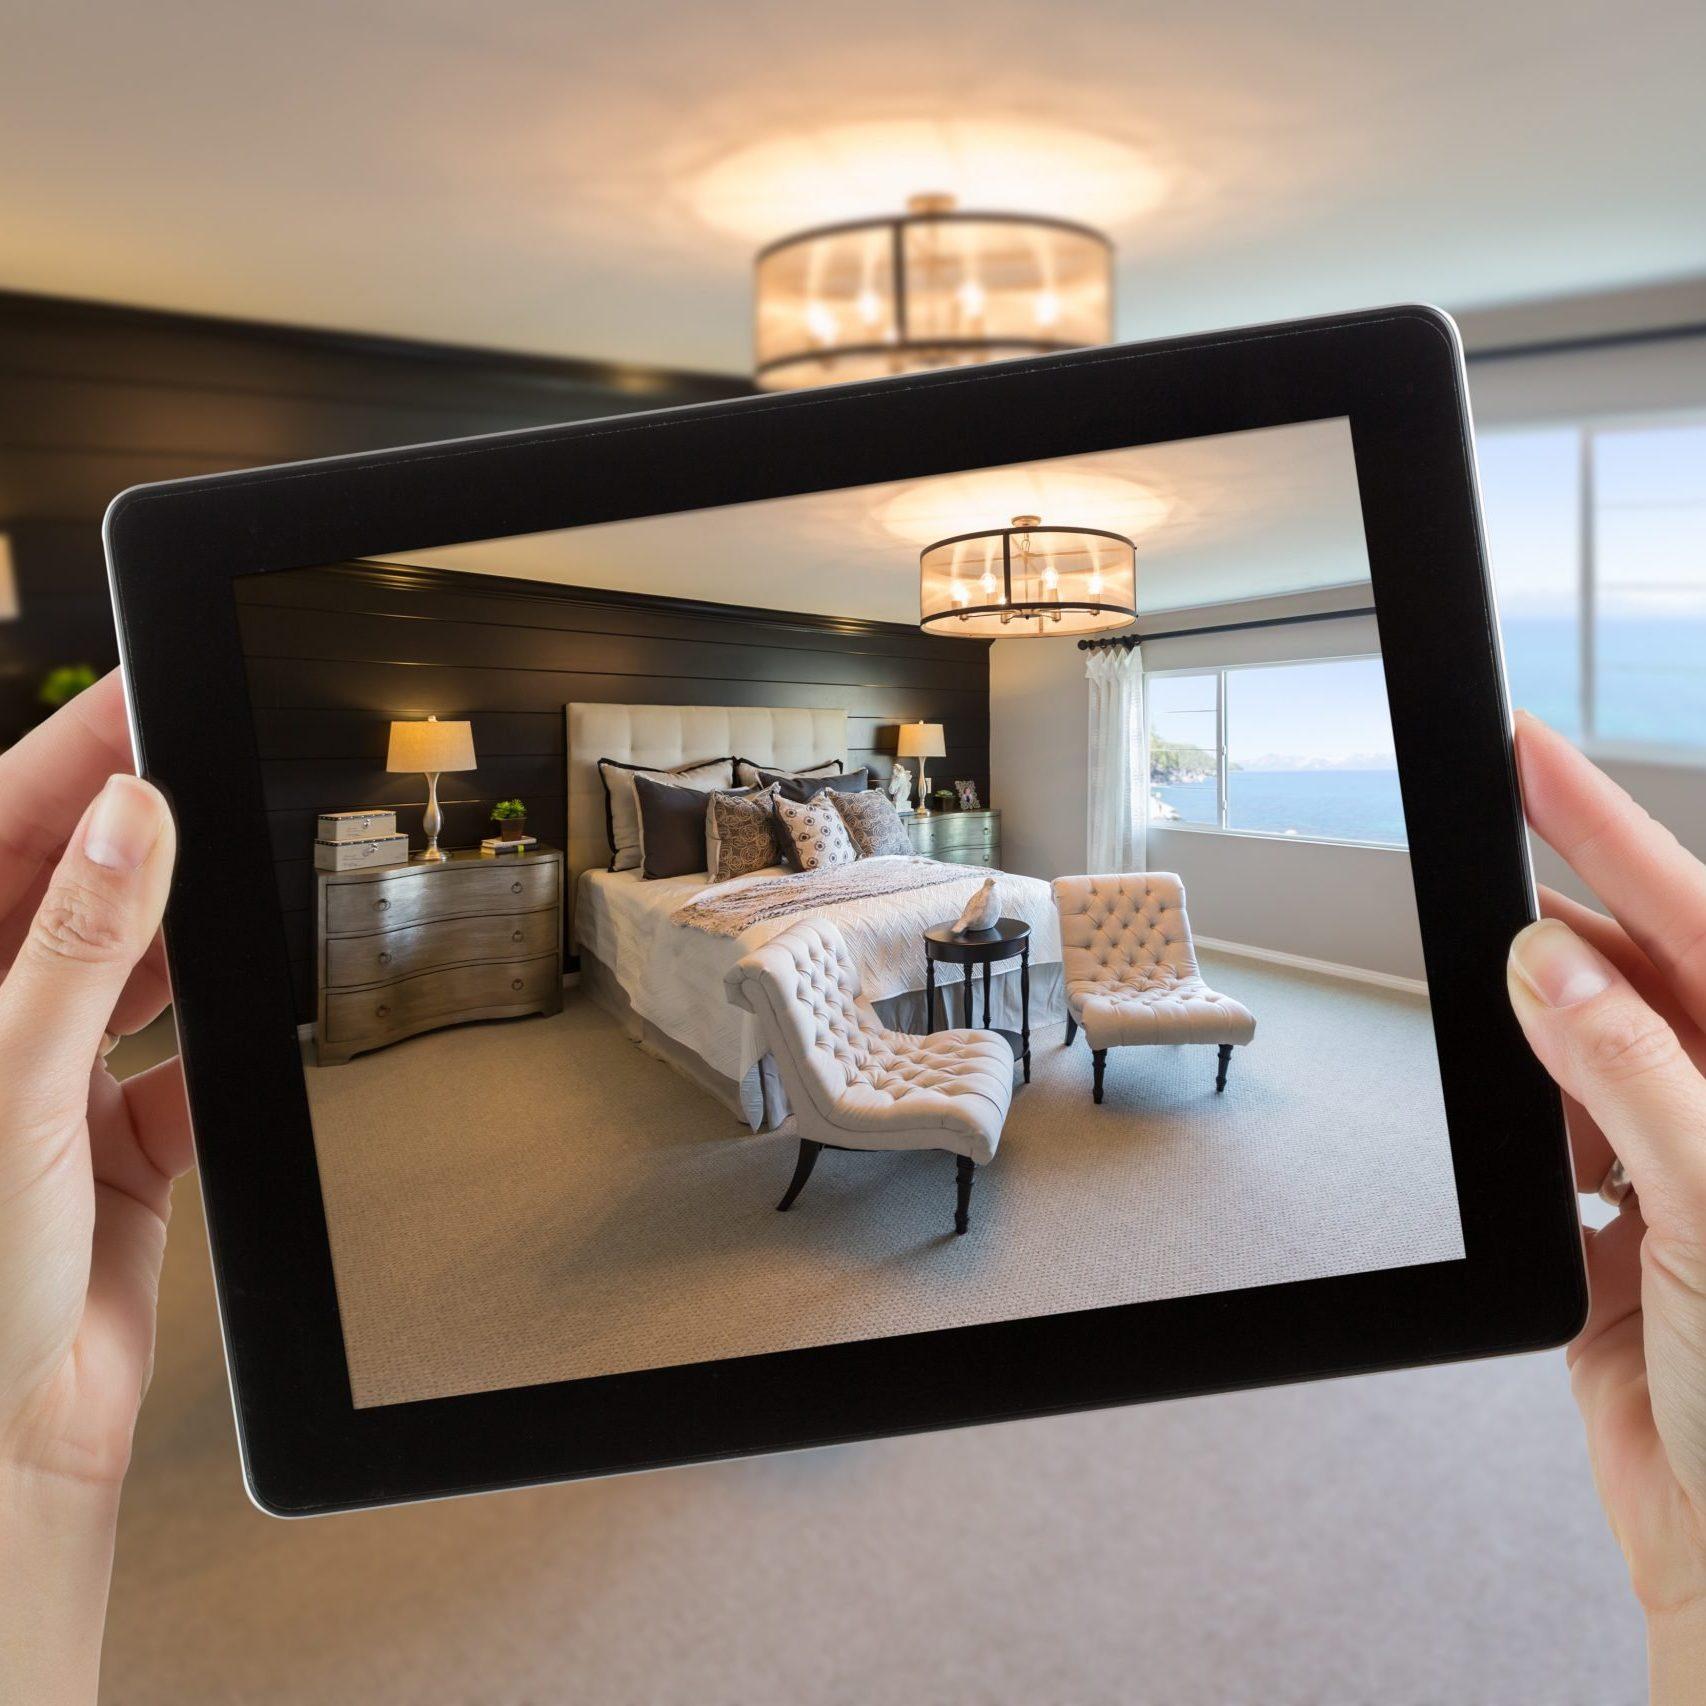 Diskrete Vermarktung - Immobilie richtig in Szene setzen